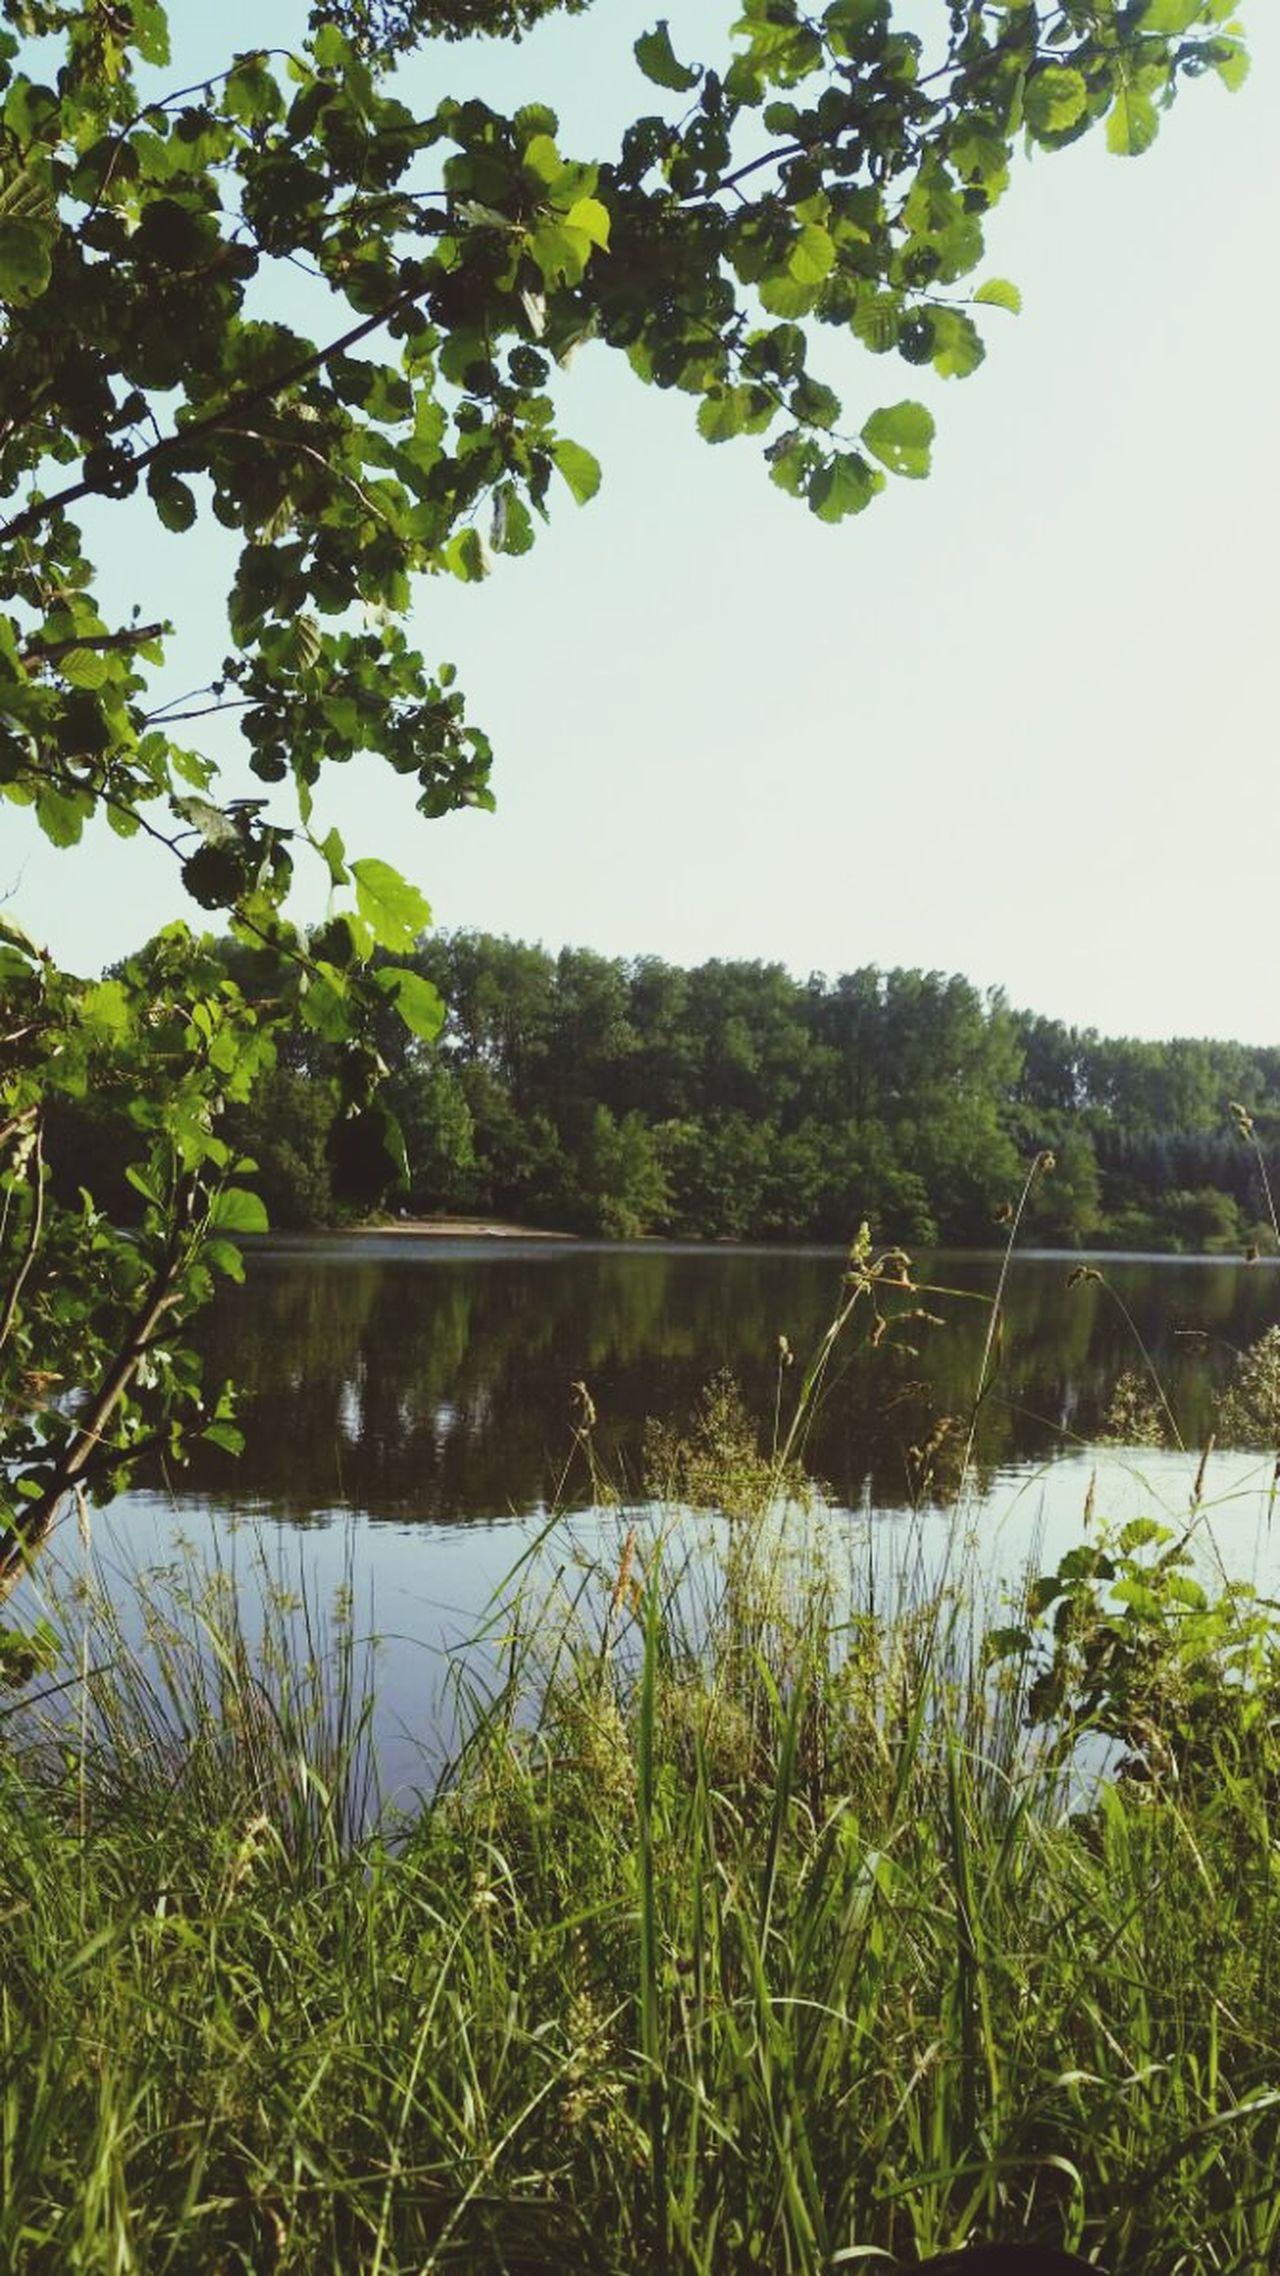 Neermoor Leer Ostfriesland See Grün Landscape Landschaft Sea Seaside Lake Lake View EyeEm Nature Lover Cubefotografie #cubefotografie